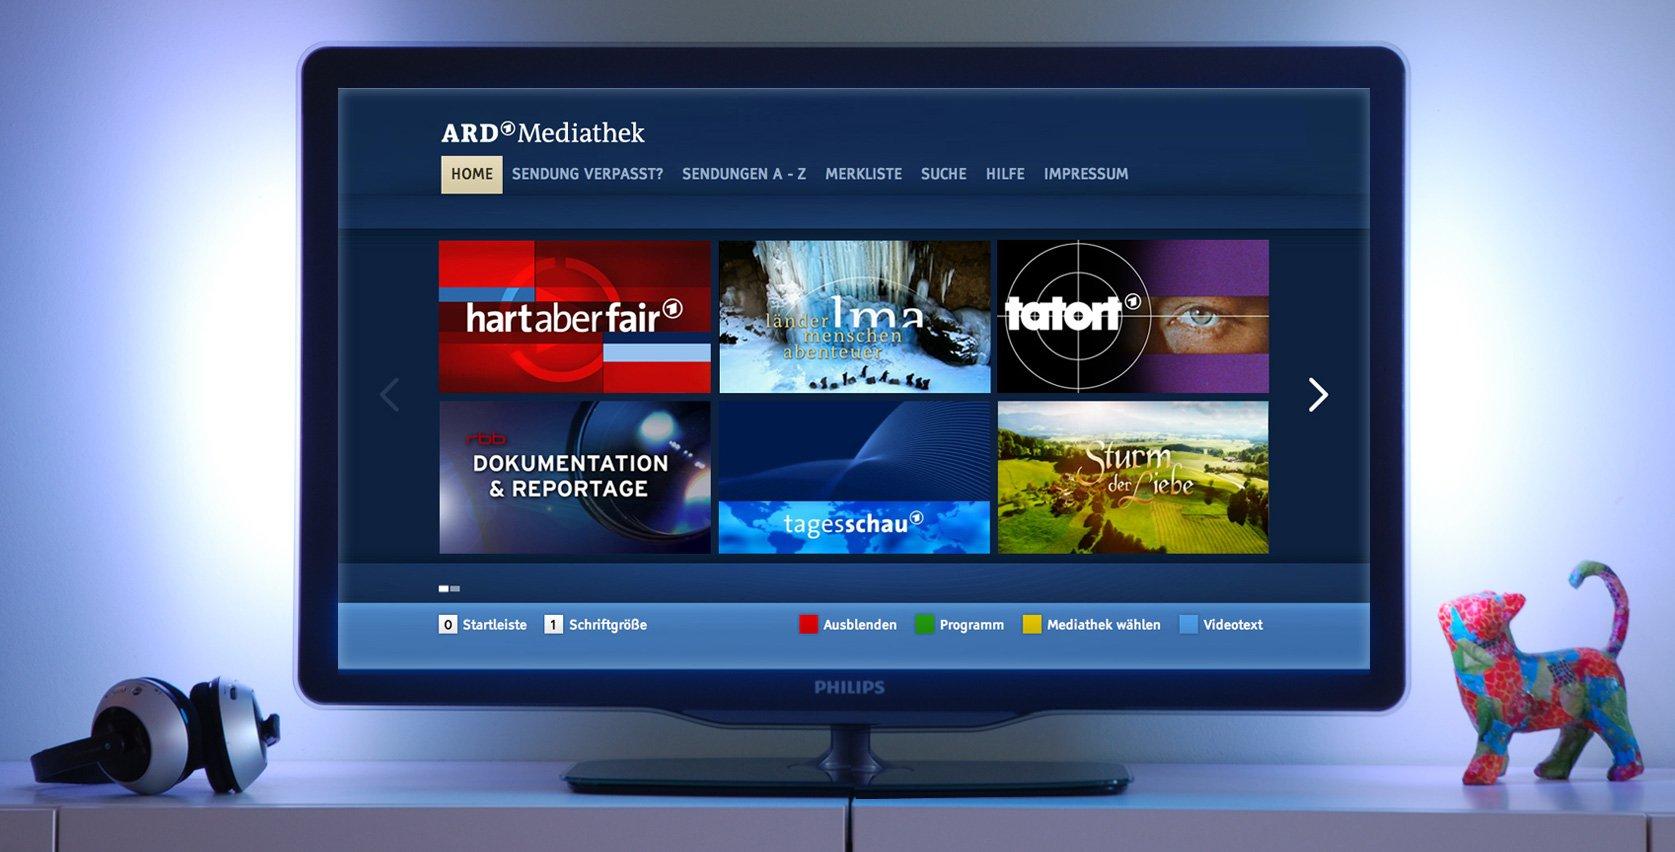 Wer die ARD-Mediathek auf seinem Fernseher sieht, nutzt HbbTV und damit auch digitales Kabelfernsehen (Bild: ARD)